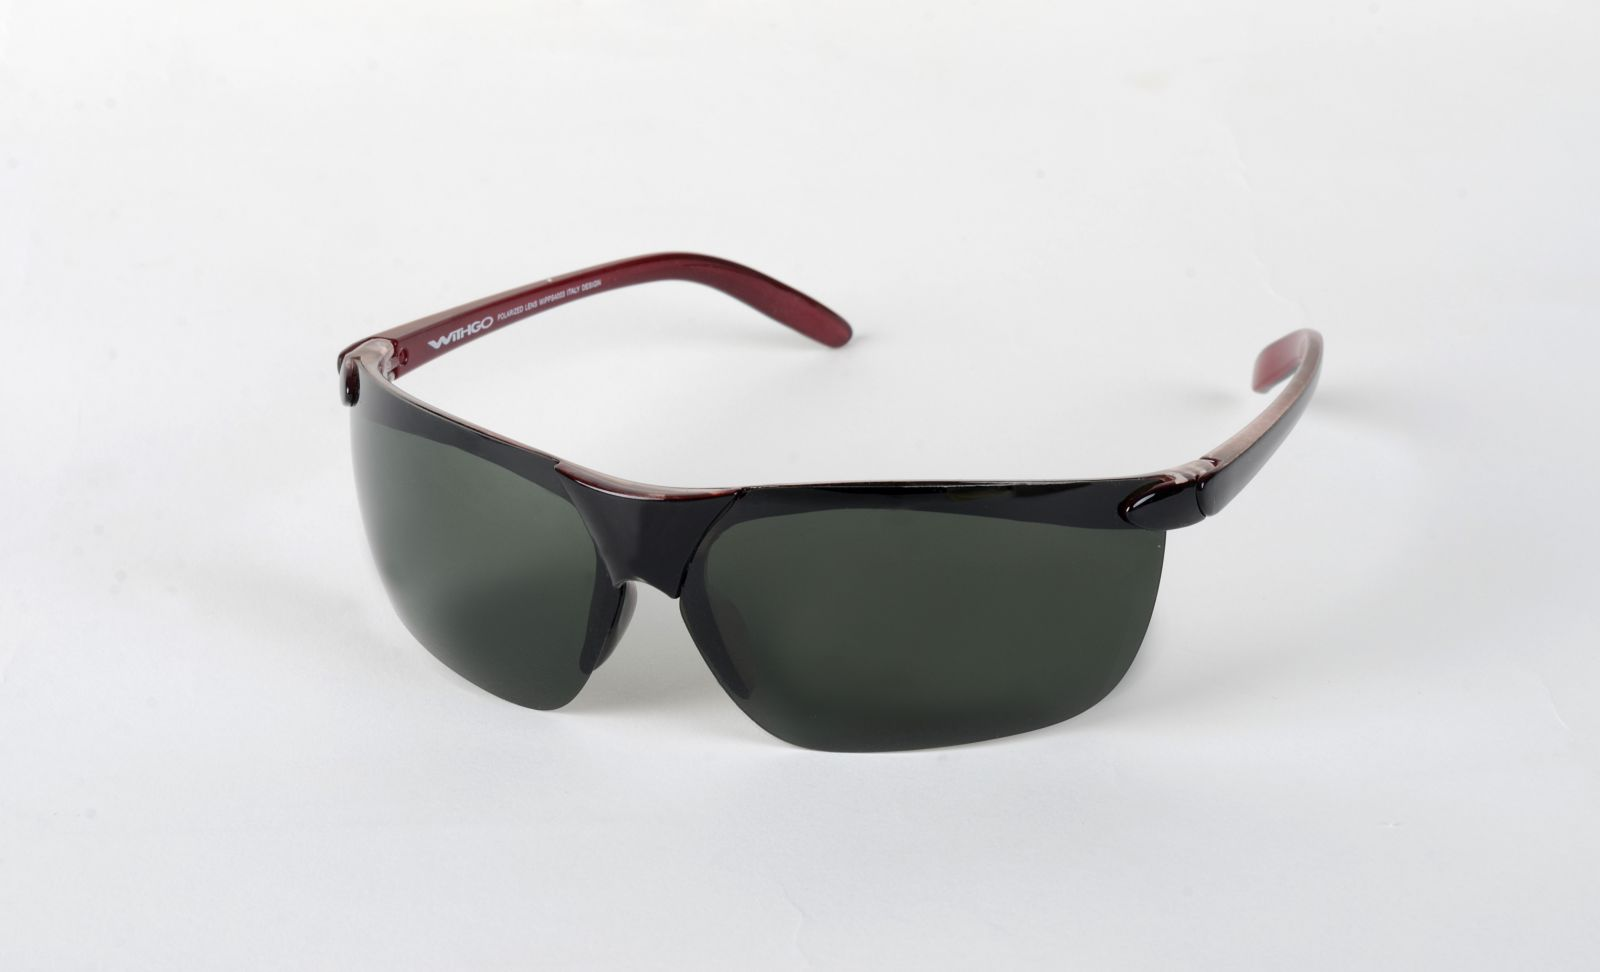 Polarizační brýle 4003 tmavozelené čočky ČČO Cat.3